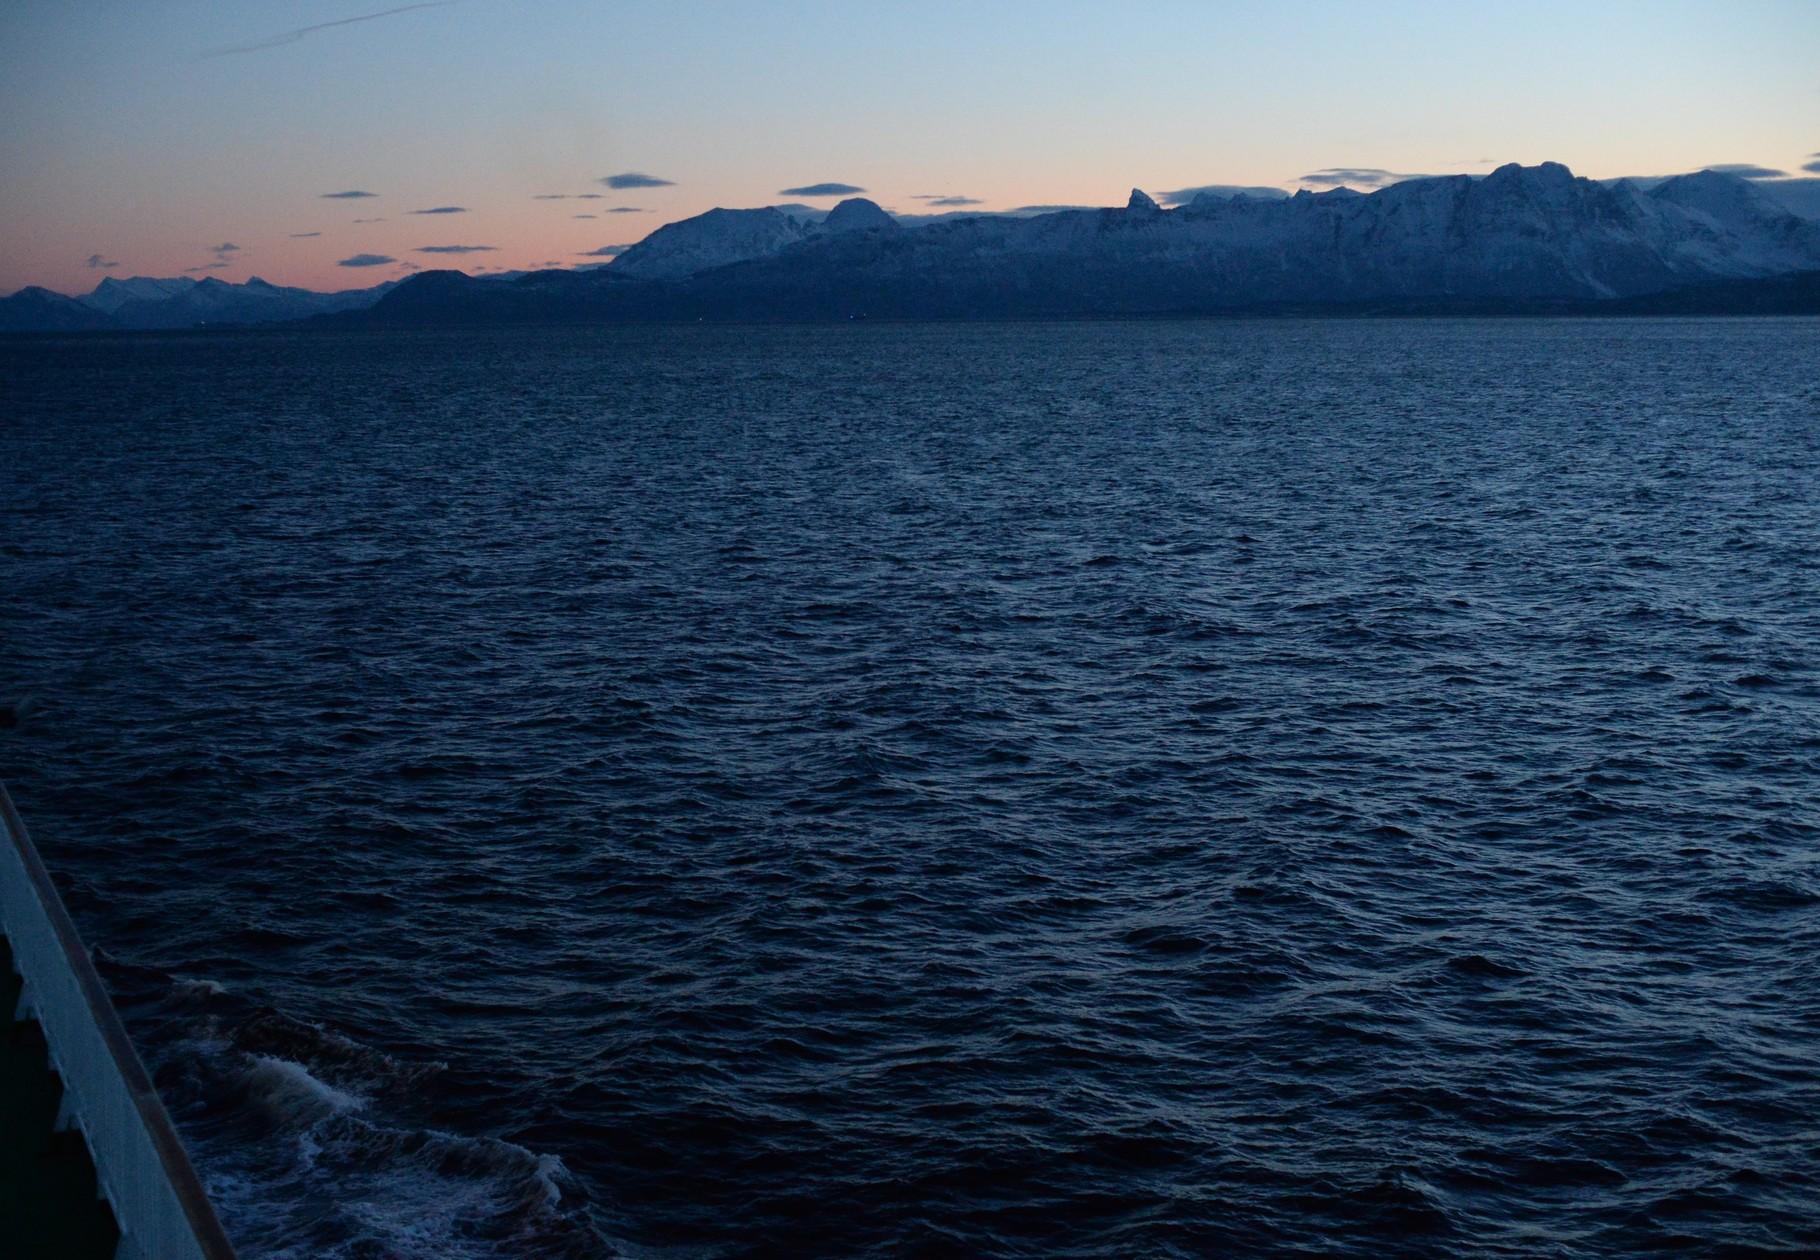 Bild 10-181 - An klaren Tagen - wenn es dunkelt - hoffen alle auf ein Nordlicht